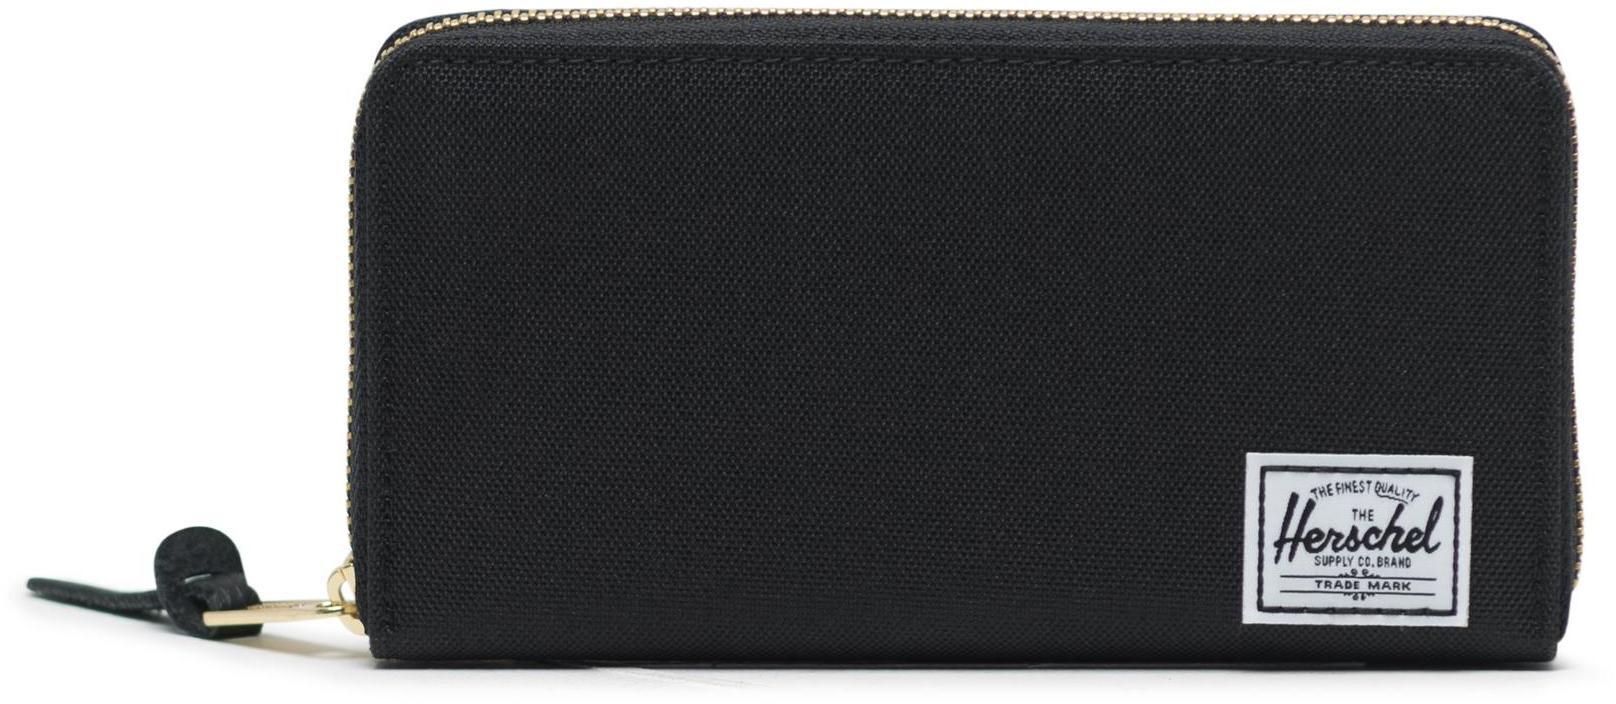 e383809dfb7a6 Herschel Thomas RFID Geldbeutel black